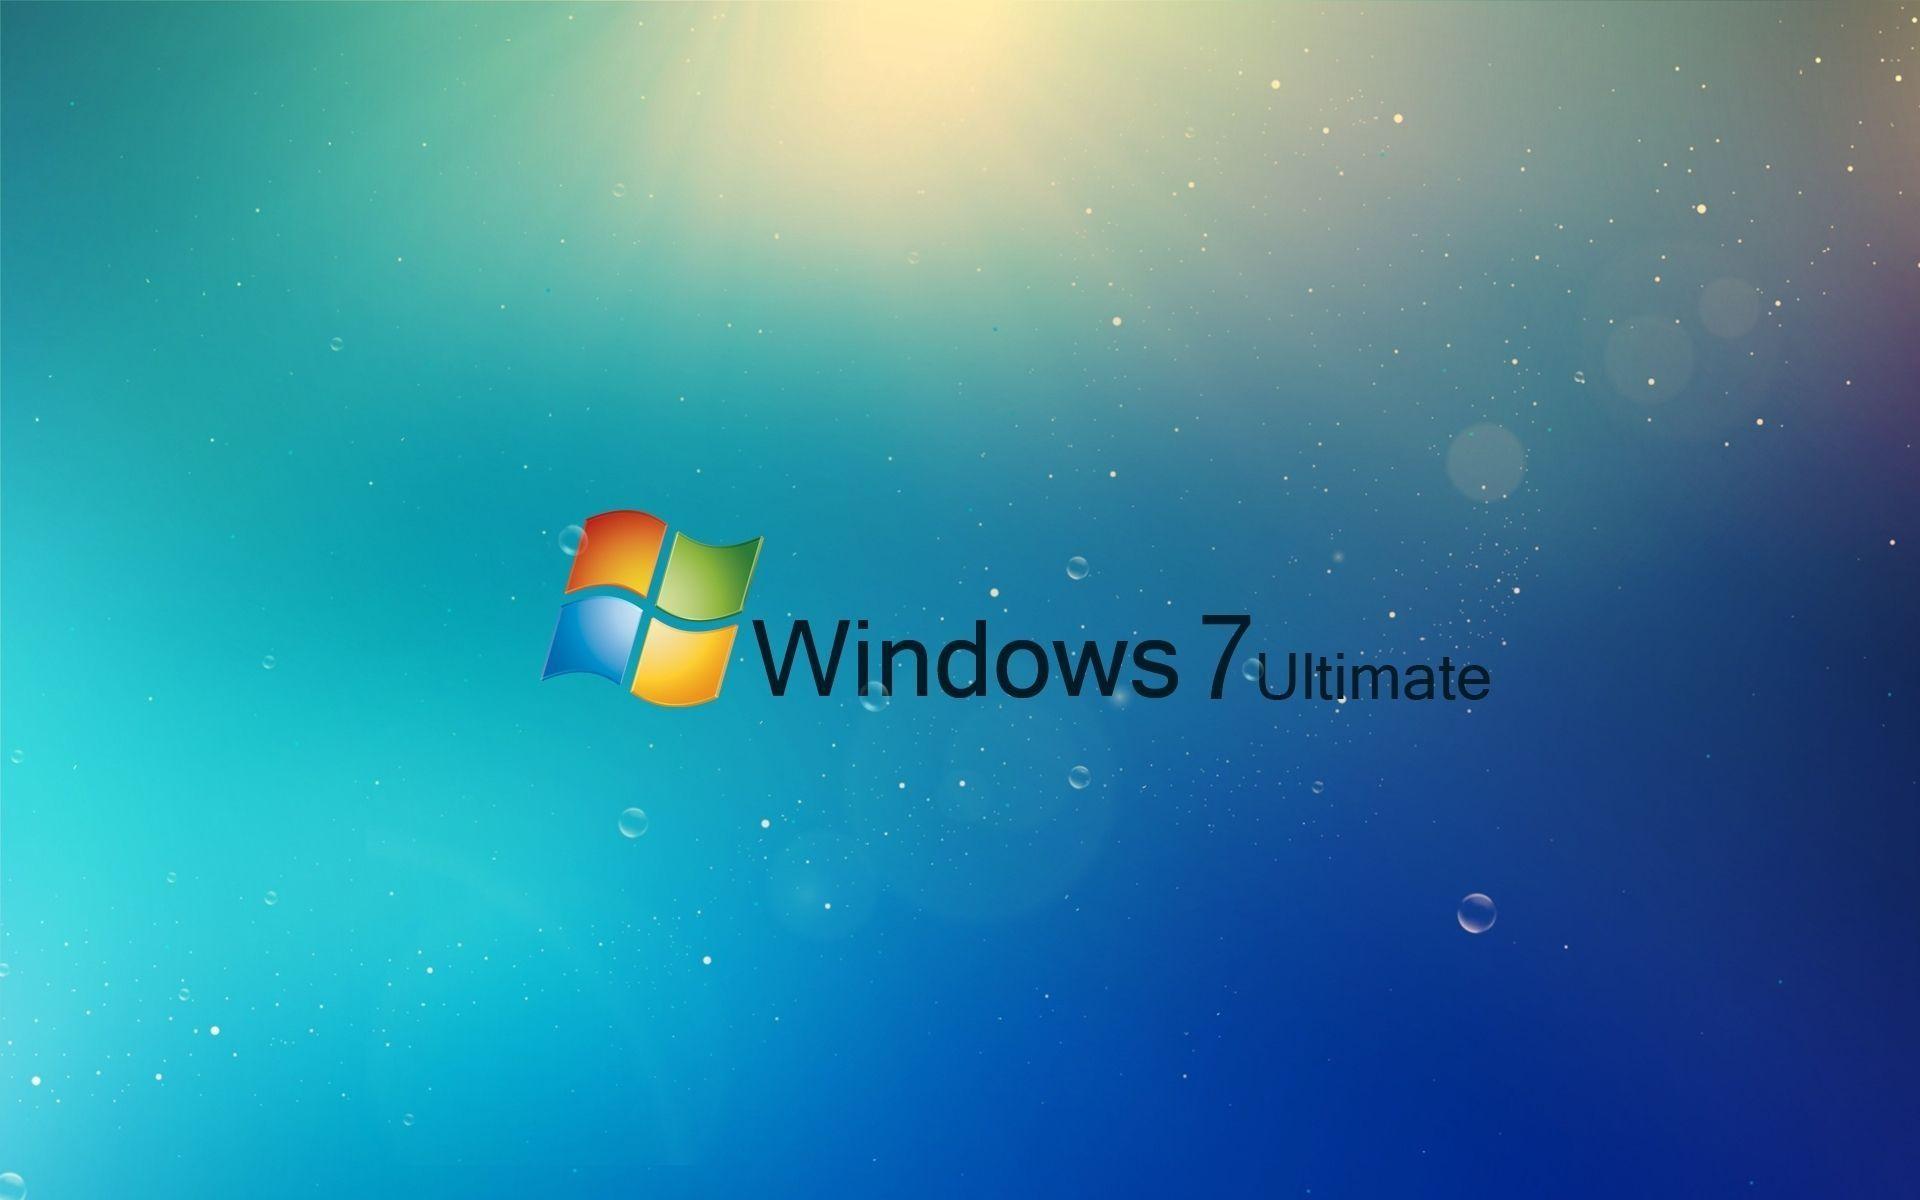 Windows 7 Ultimate Desktop Background 56 images 1920x1200